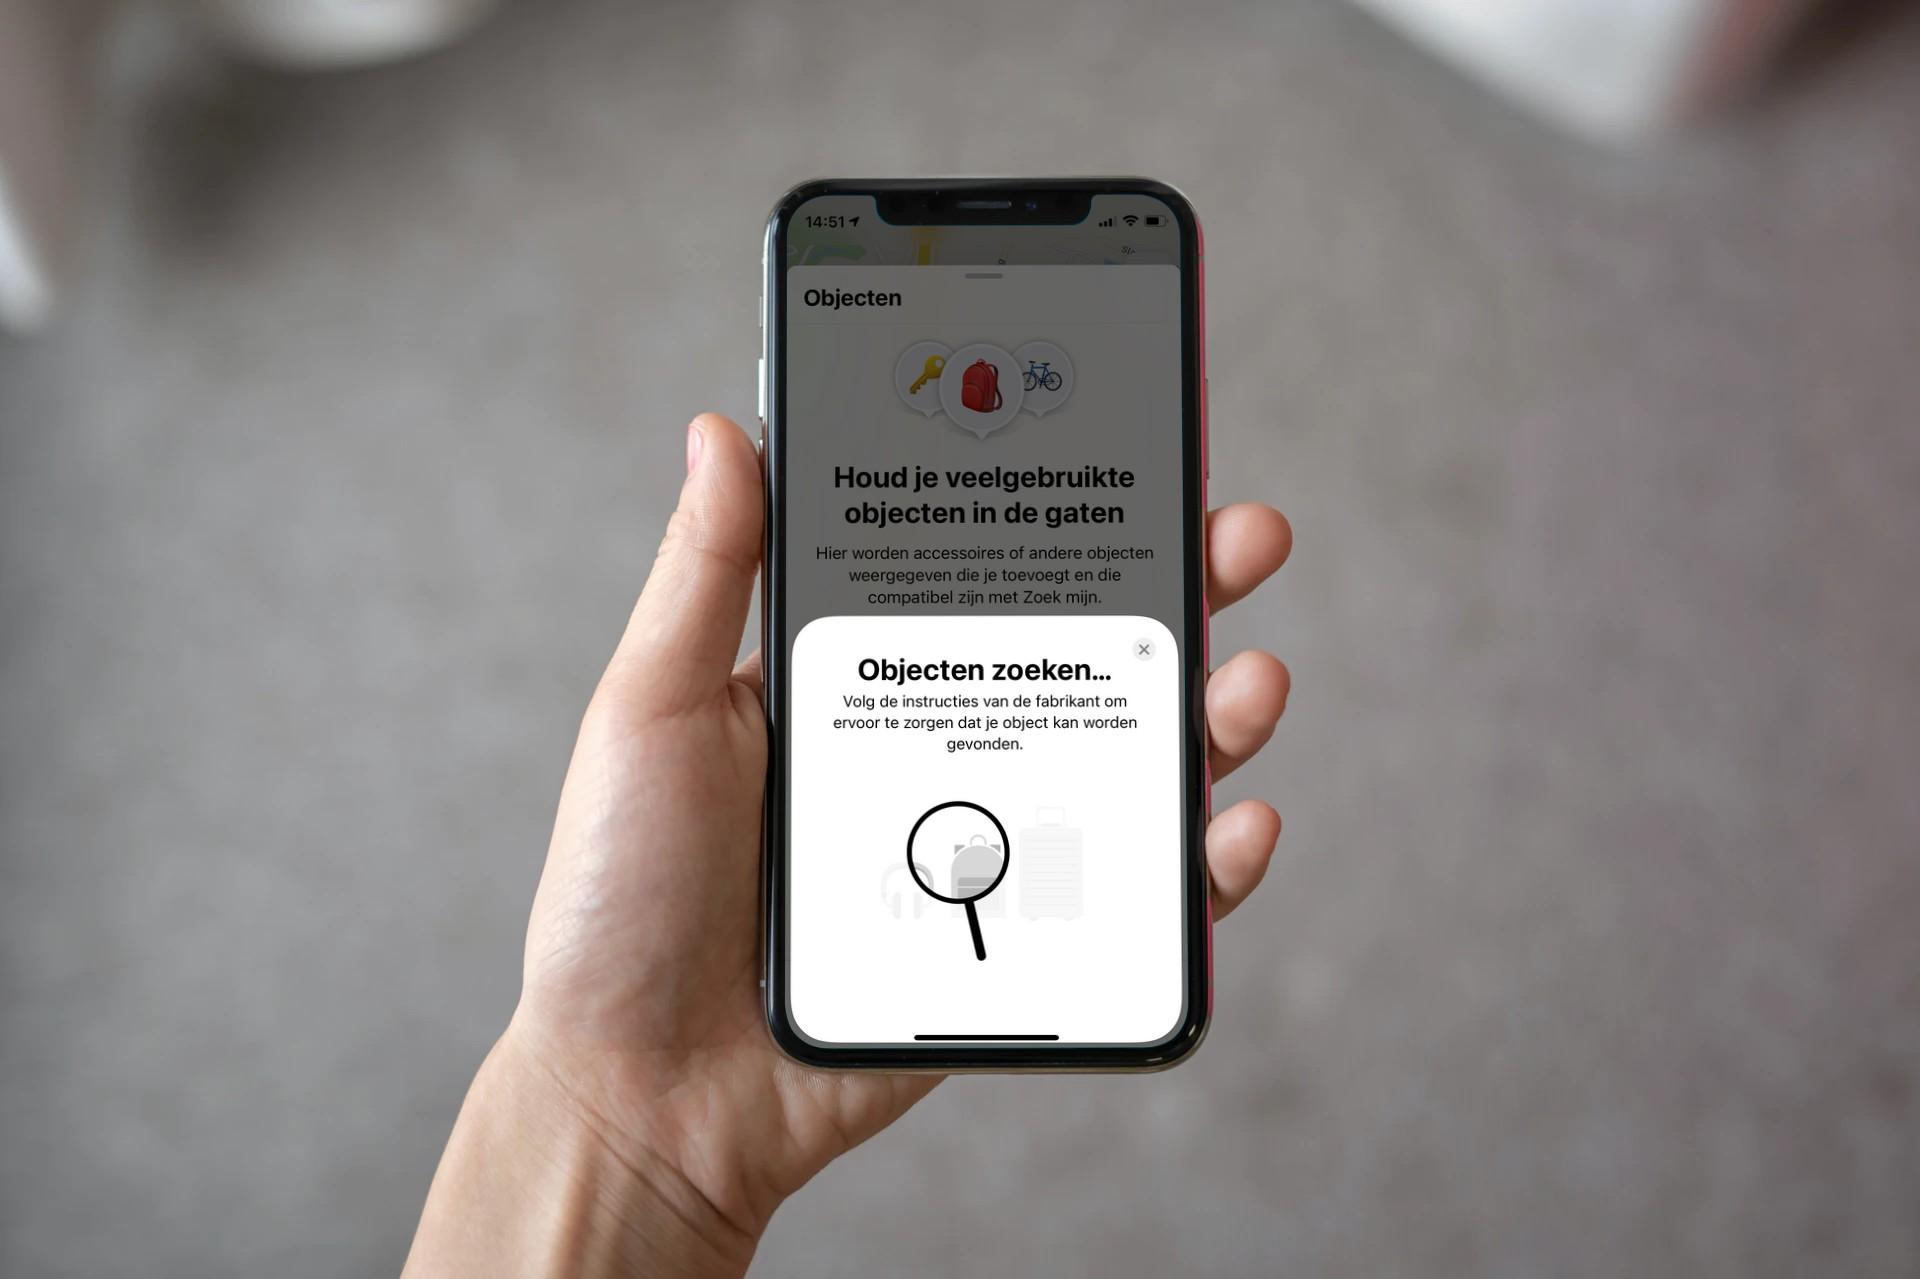 Objecten-menu in Zoek mijn-app.